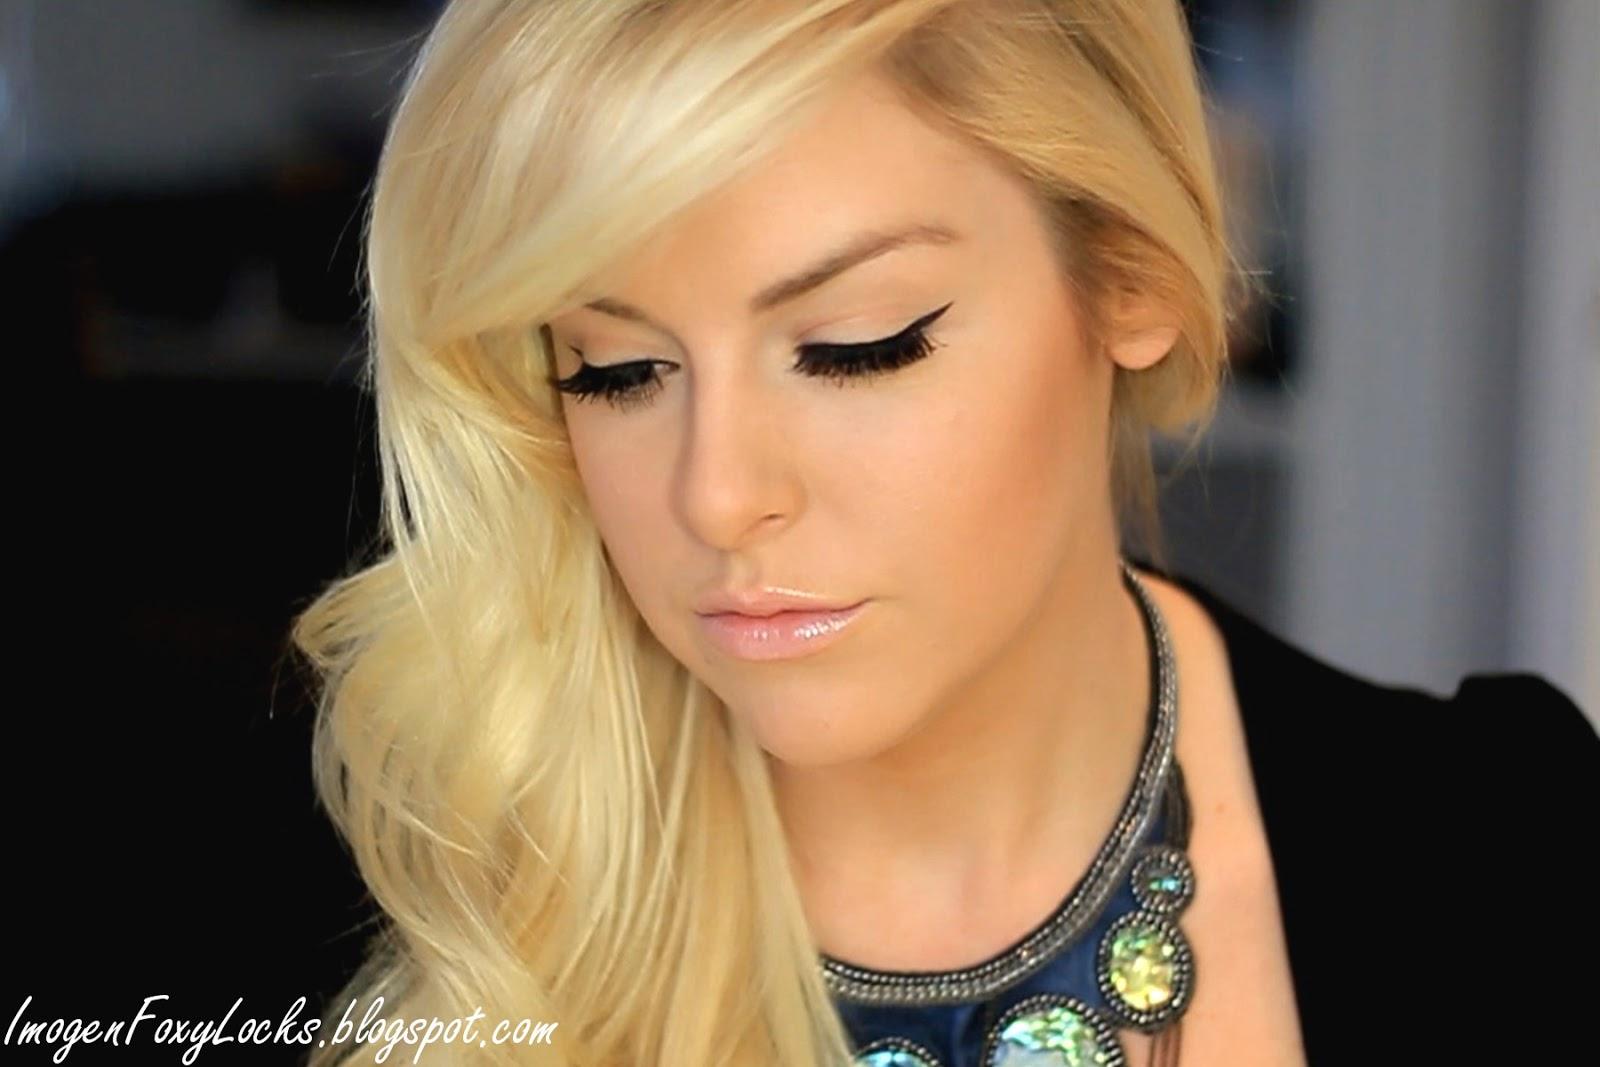 http://2.bp.blogspot.com/-sbWbQn9vvLo/TyWKwn9kPcI/AAAAAAAACJU/fc-jwAtLWIo/s1600/winged_eyeliner.jpg